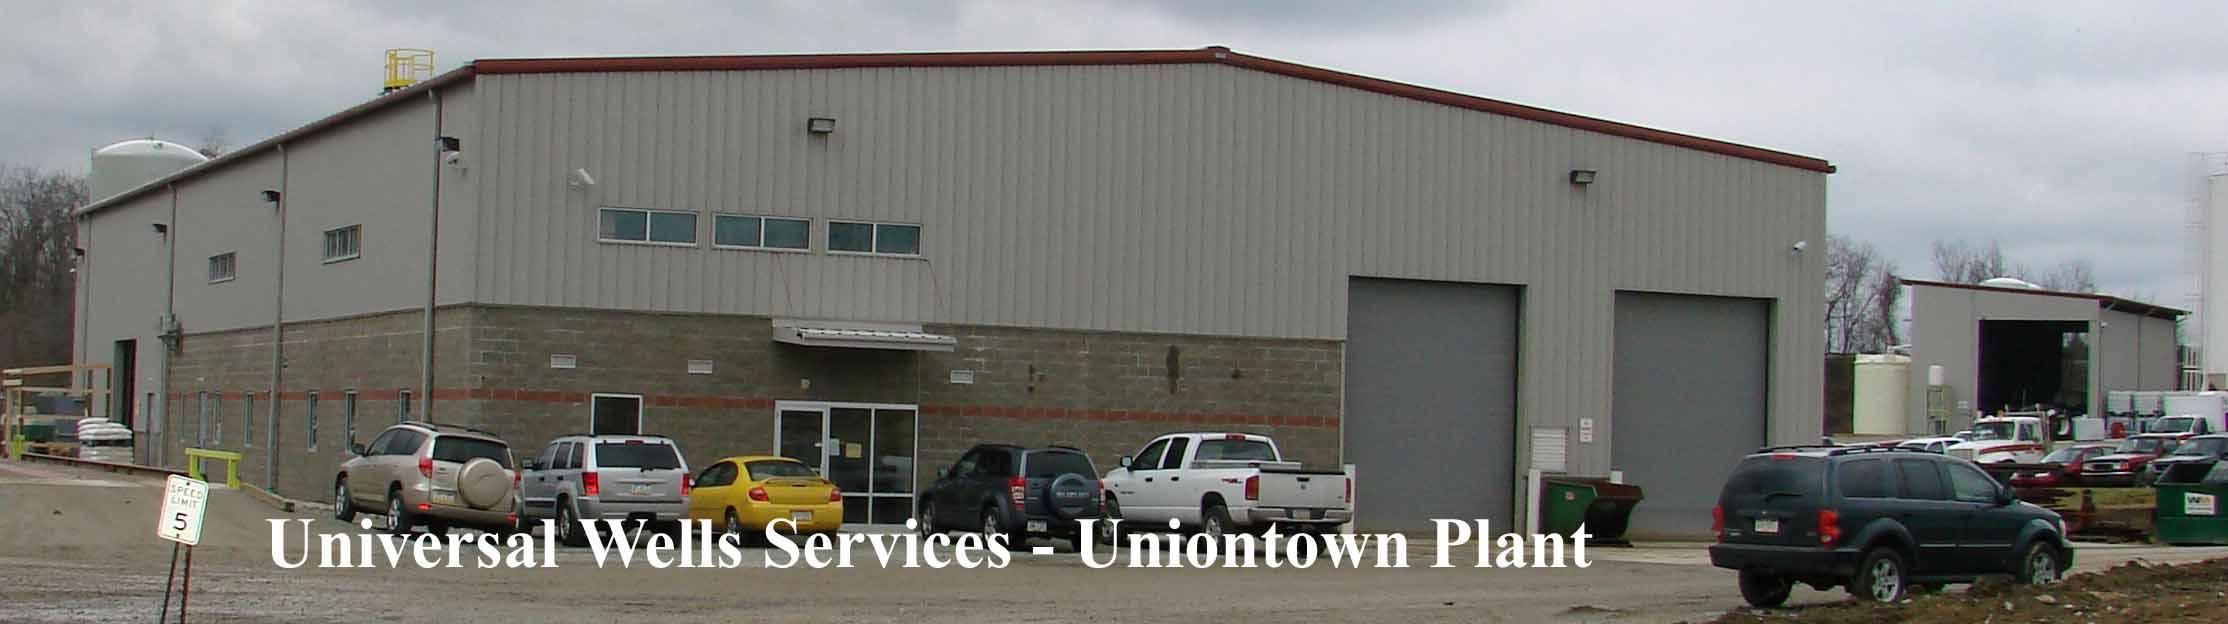 Uniontown Plant